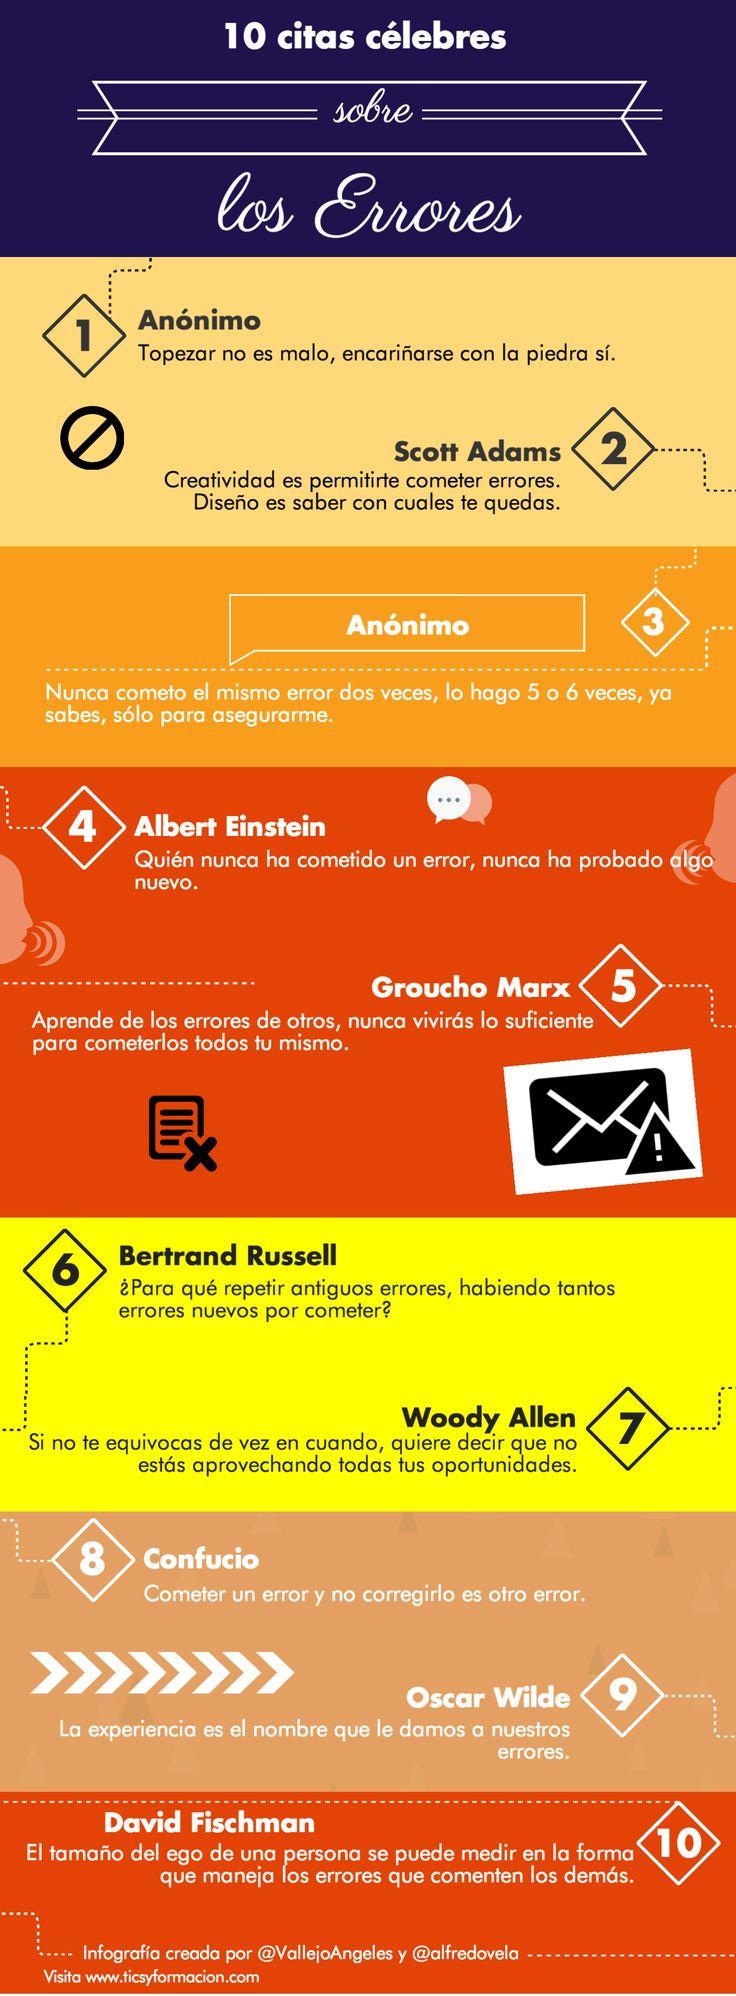 10 citas célebres sobre los errores #infografia